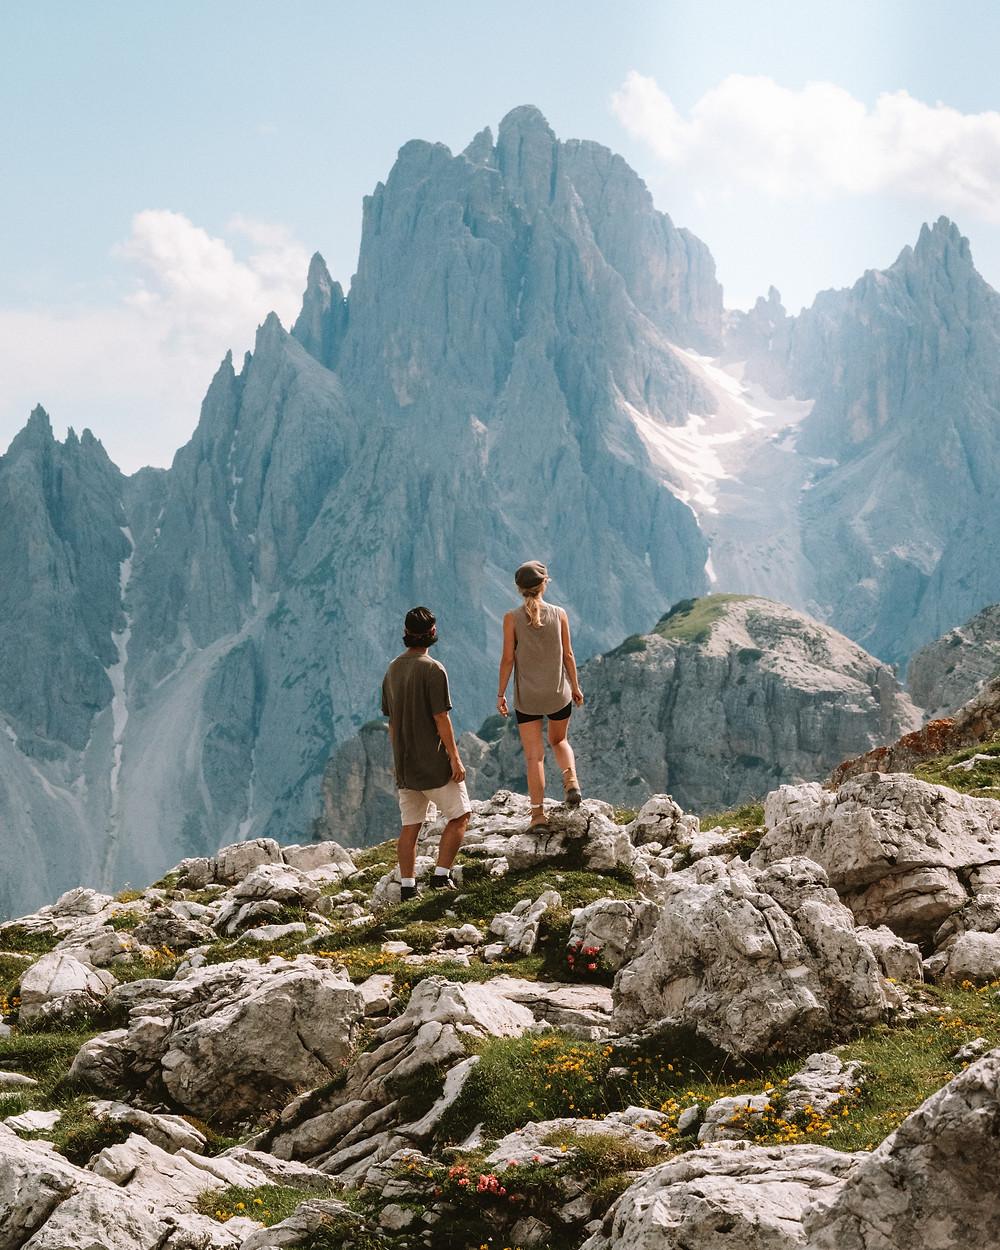 Instagrammable location, Tre Cime Di Lavaredo, Dolomites Italy